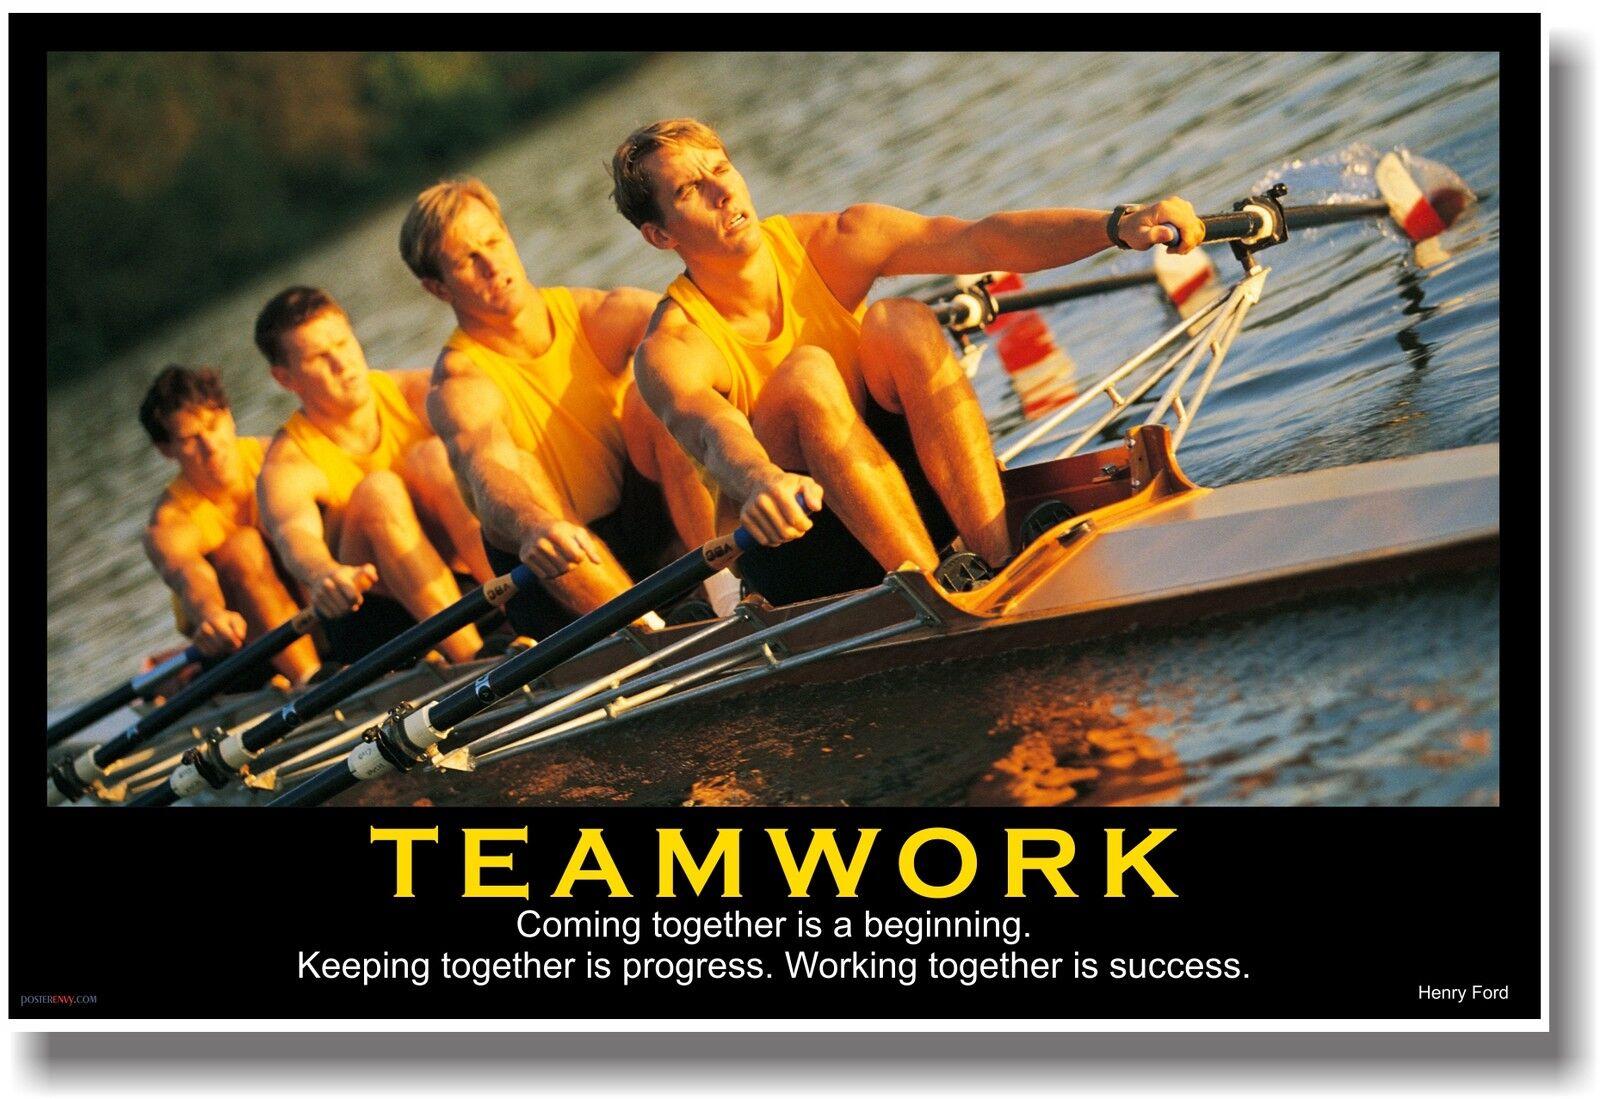 new motivational teamwork poster